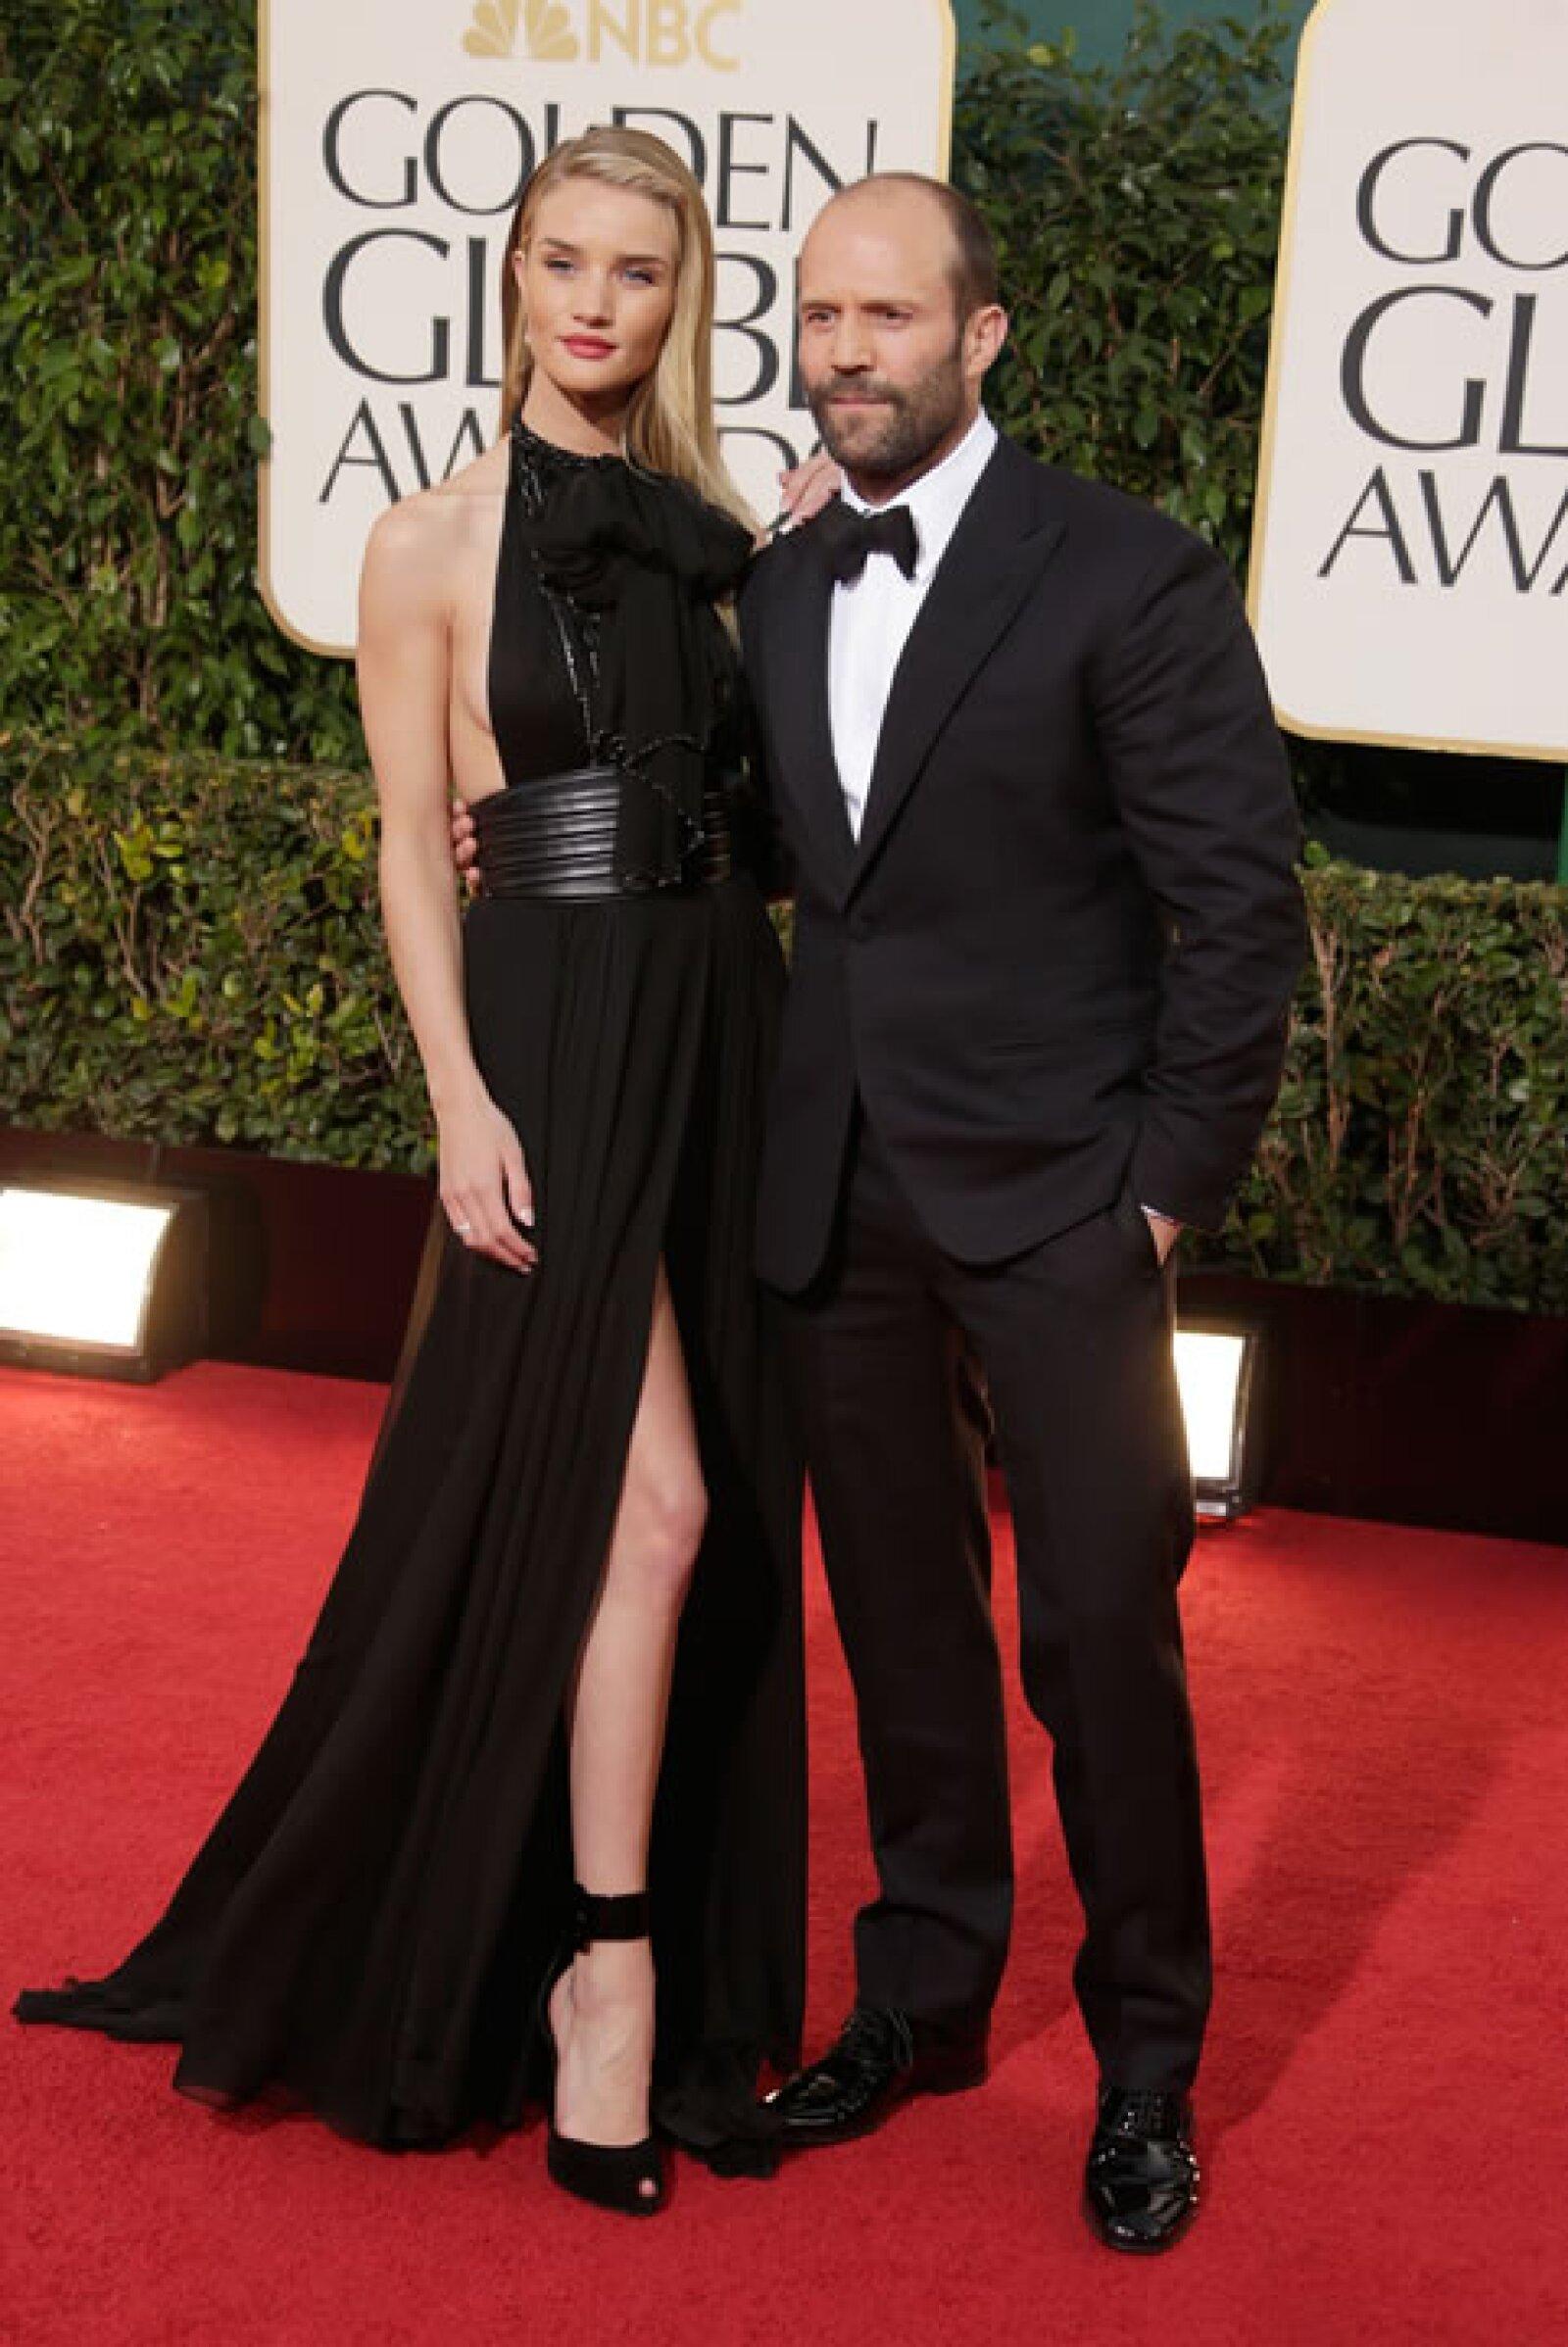 La modelo, Rosie Huntington-Whiteley no vencerá a su novio Jason Statham en fuerza pero sin duda lo hace en estatura.